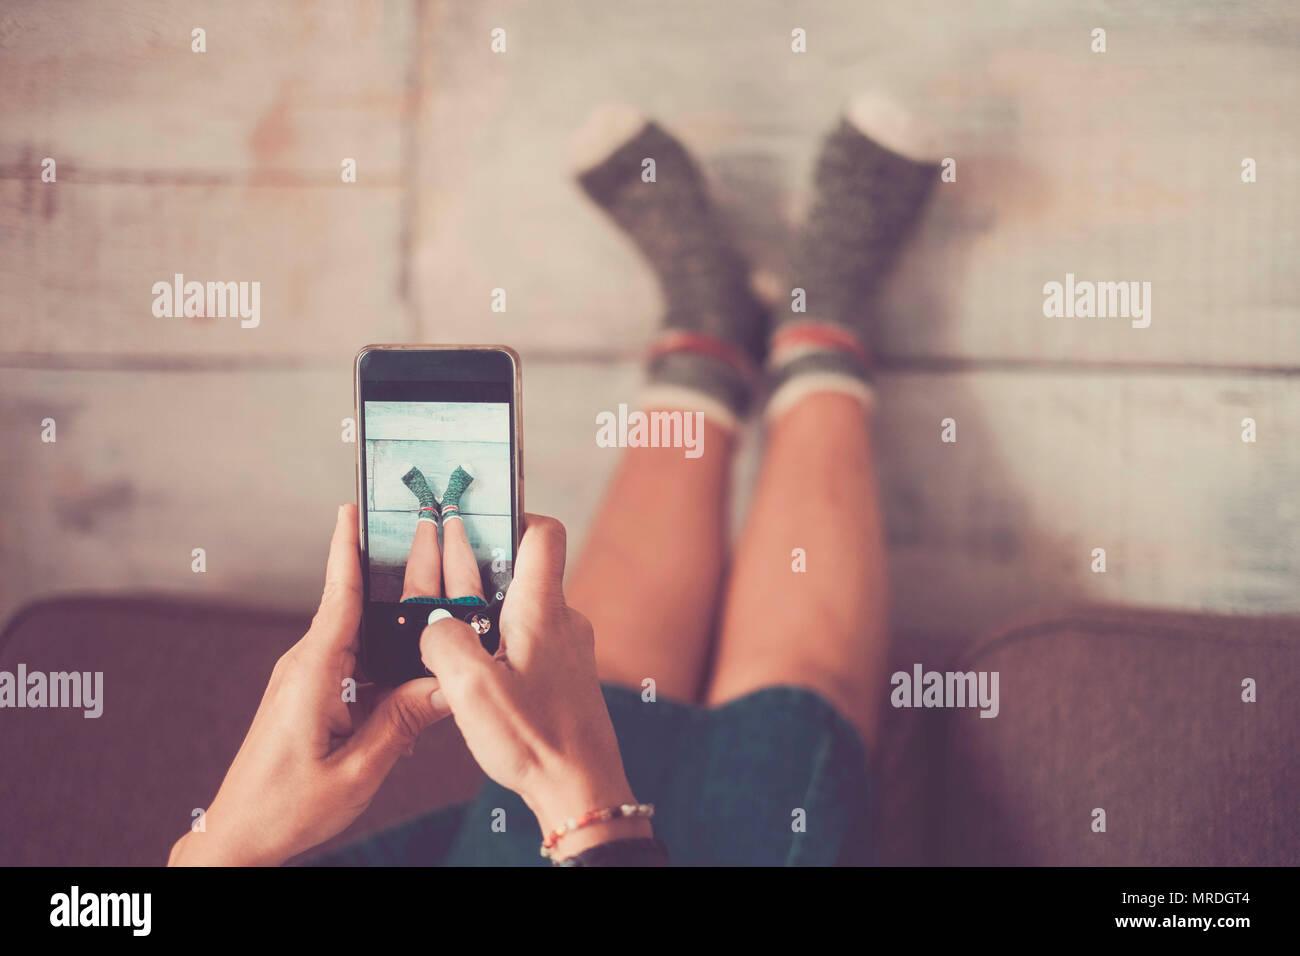 Hermosa mujer caucásica tomar fotografías con el teléfono móvil en las piernas contra la pared con agradables y divertidos calcetines. casa de estilo alternativo y indepe Imagen De Stock